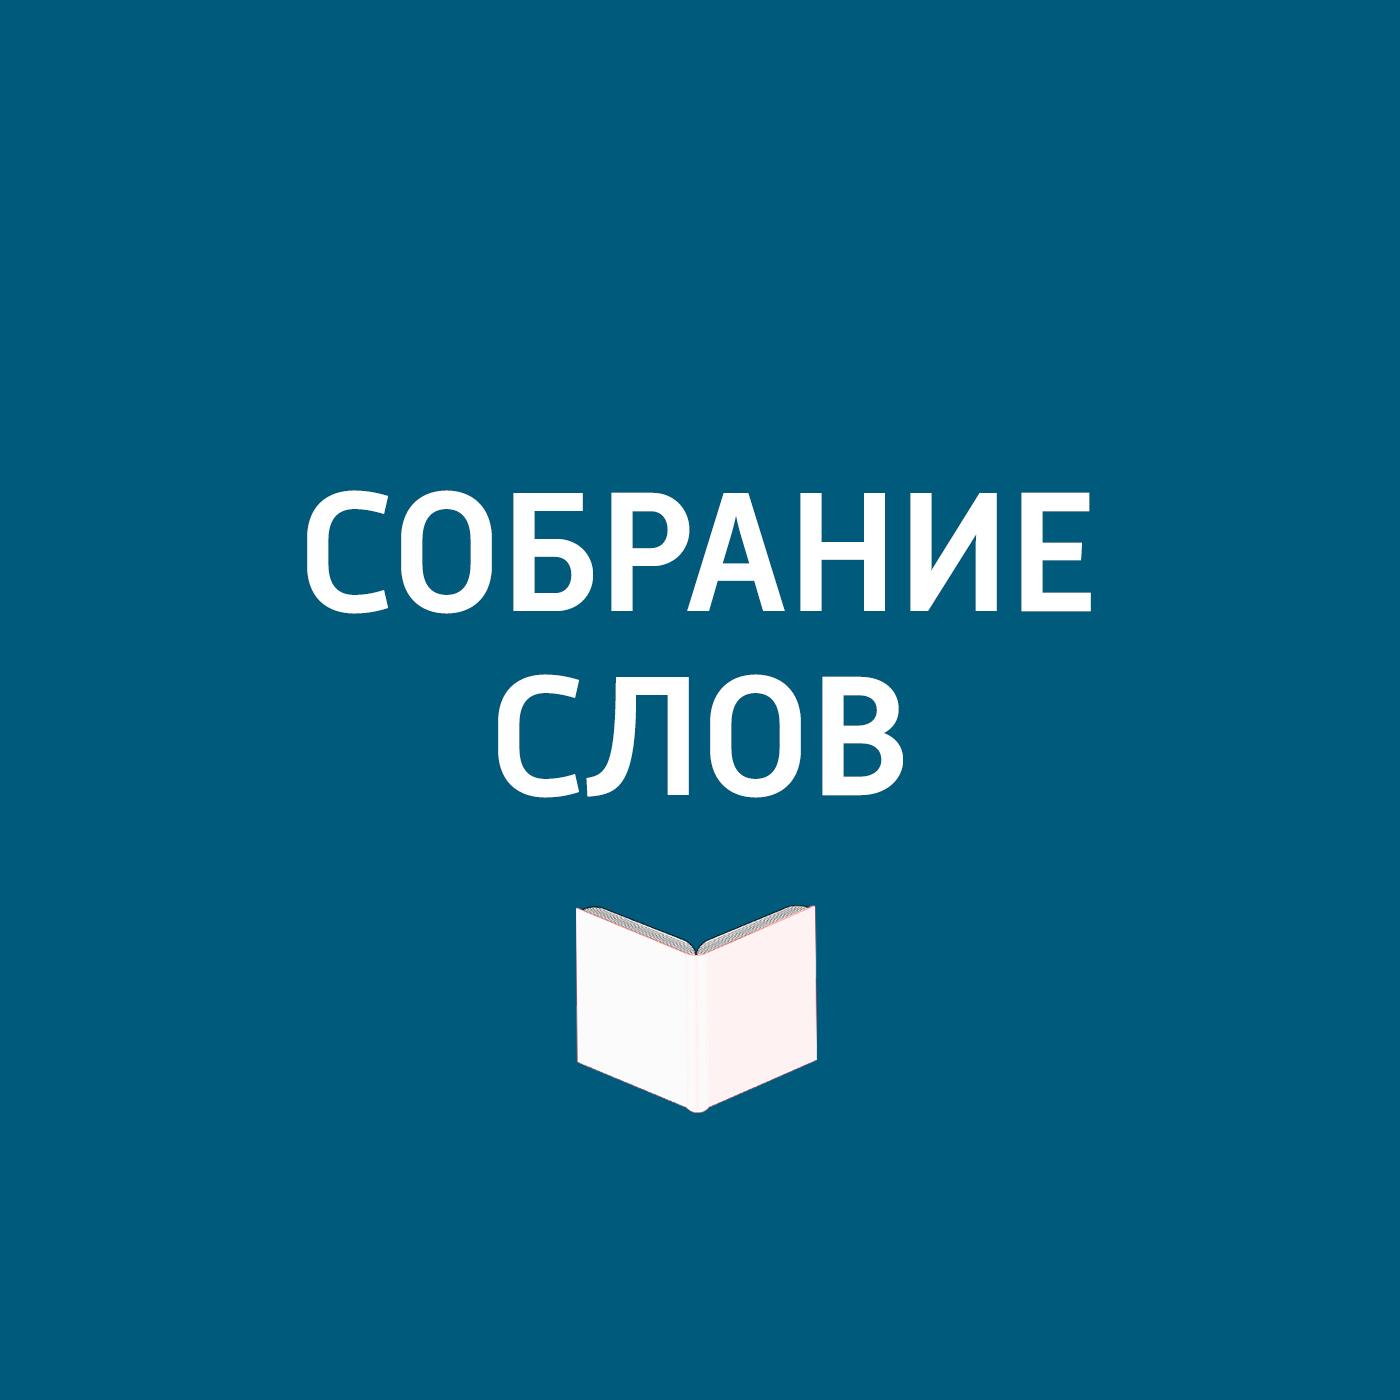 Творческий коллектив программы «Собрание слов» К премьере спектакля Как эстонские хиппи разрушили Советский Союз